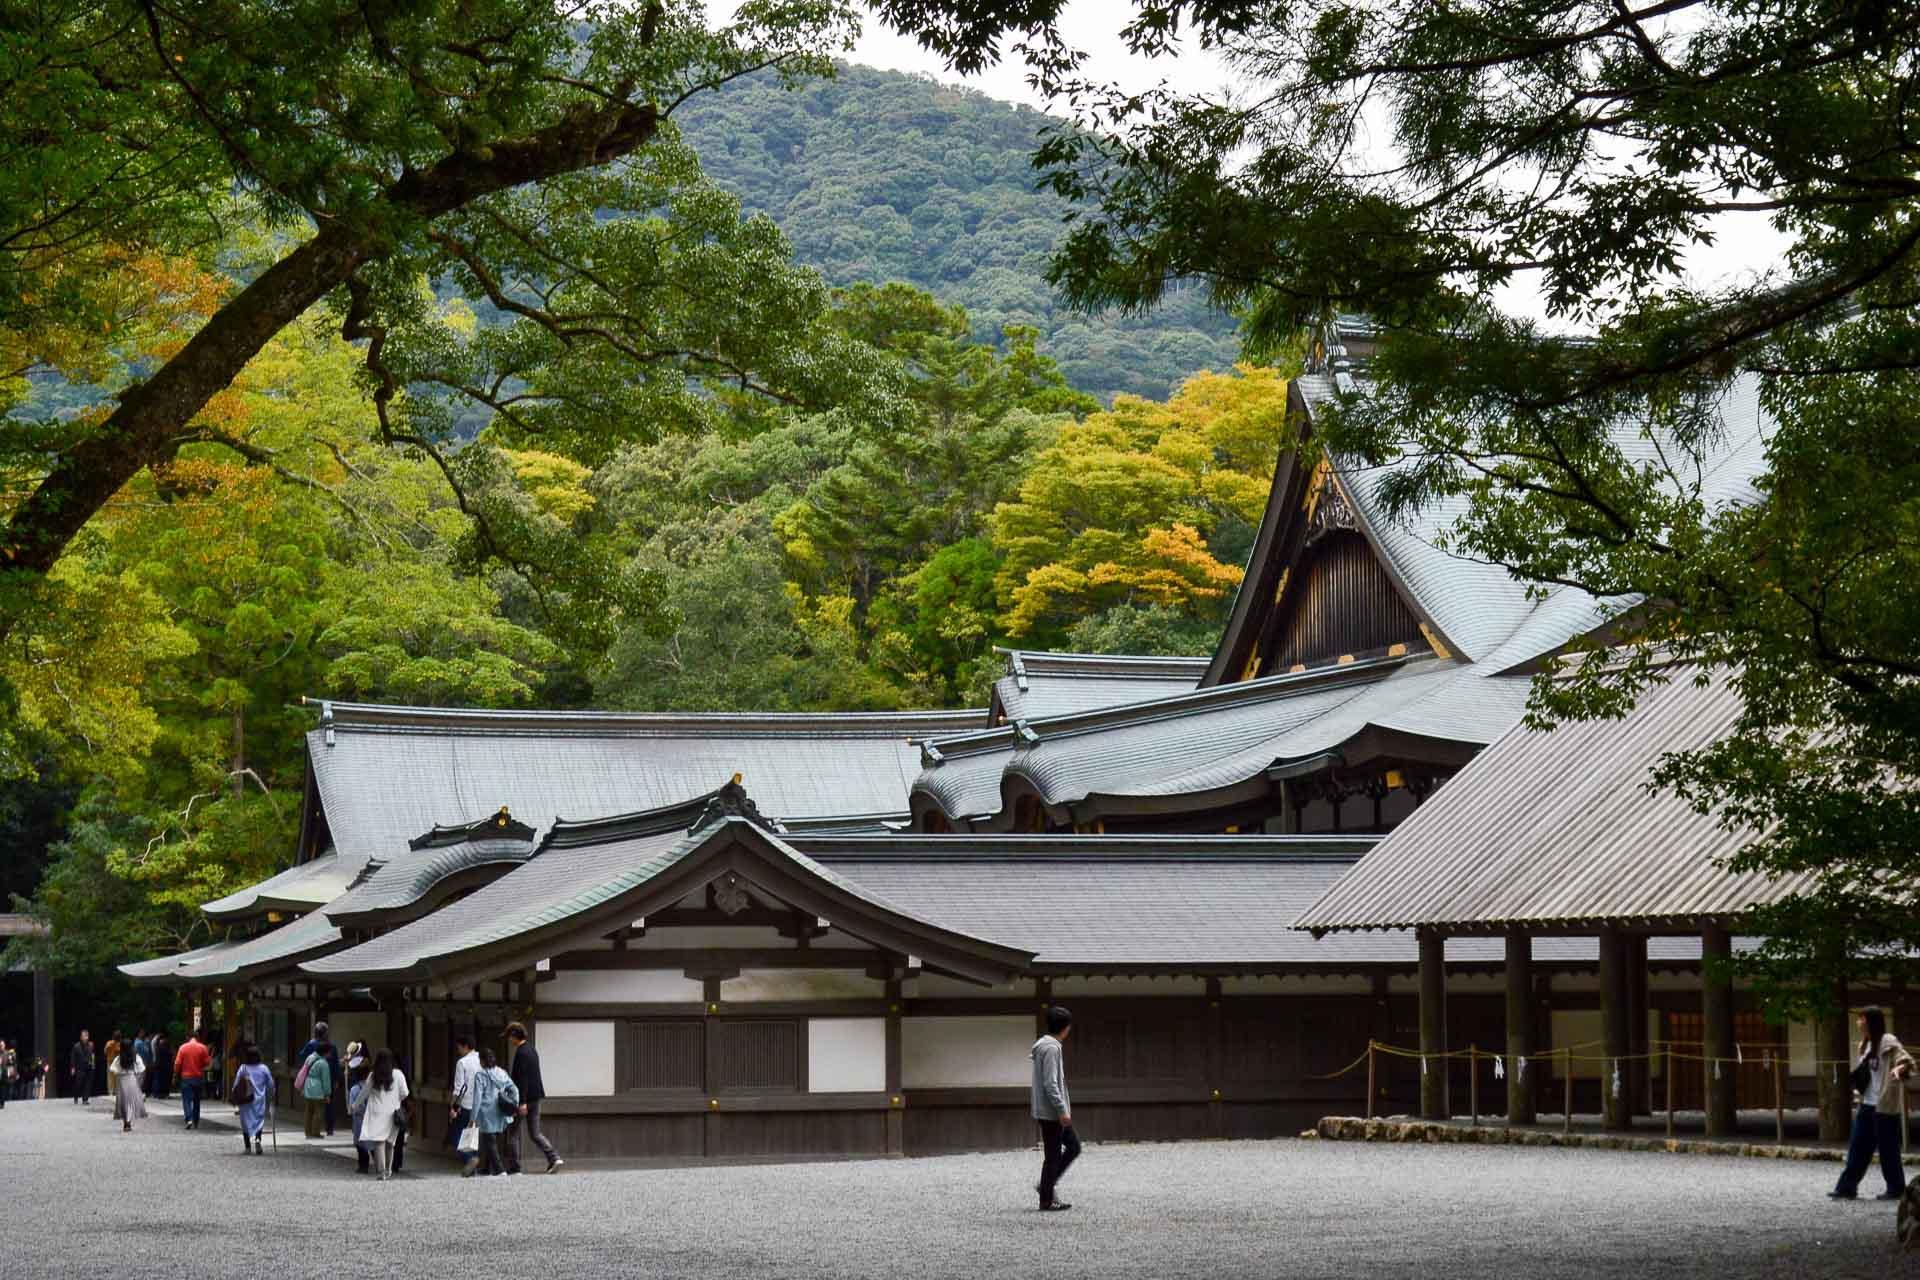 Le sanctuaire est reconstruit à son image tous les vingt ans, permettant ainsi un gage de pureté.